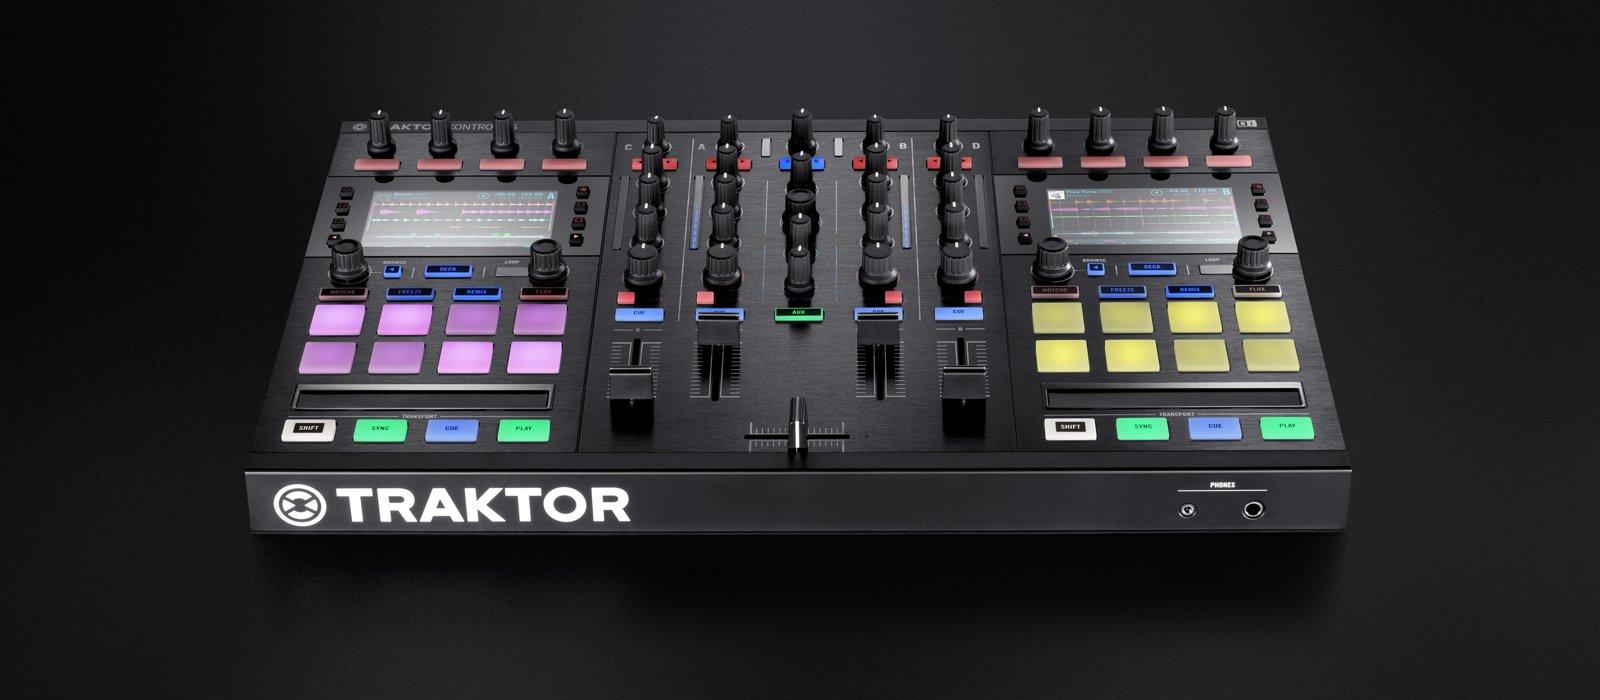 Nuevo sistema integrado para DJs Traktor Kontrol S5 - Blog de Microfusa